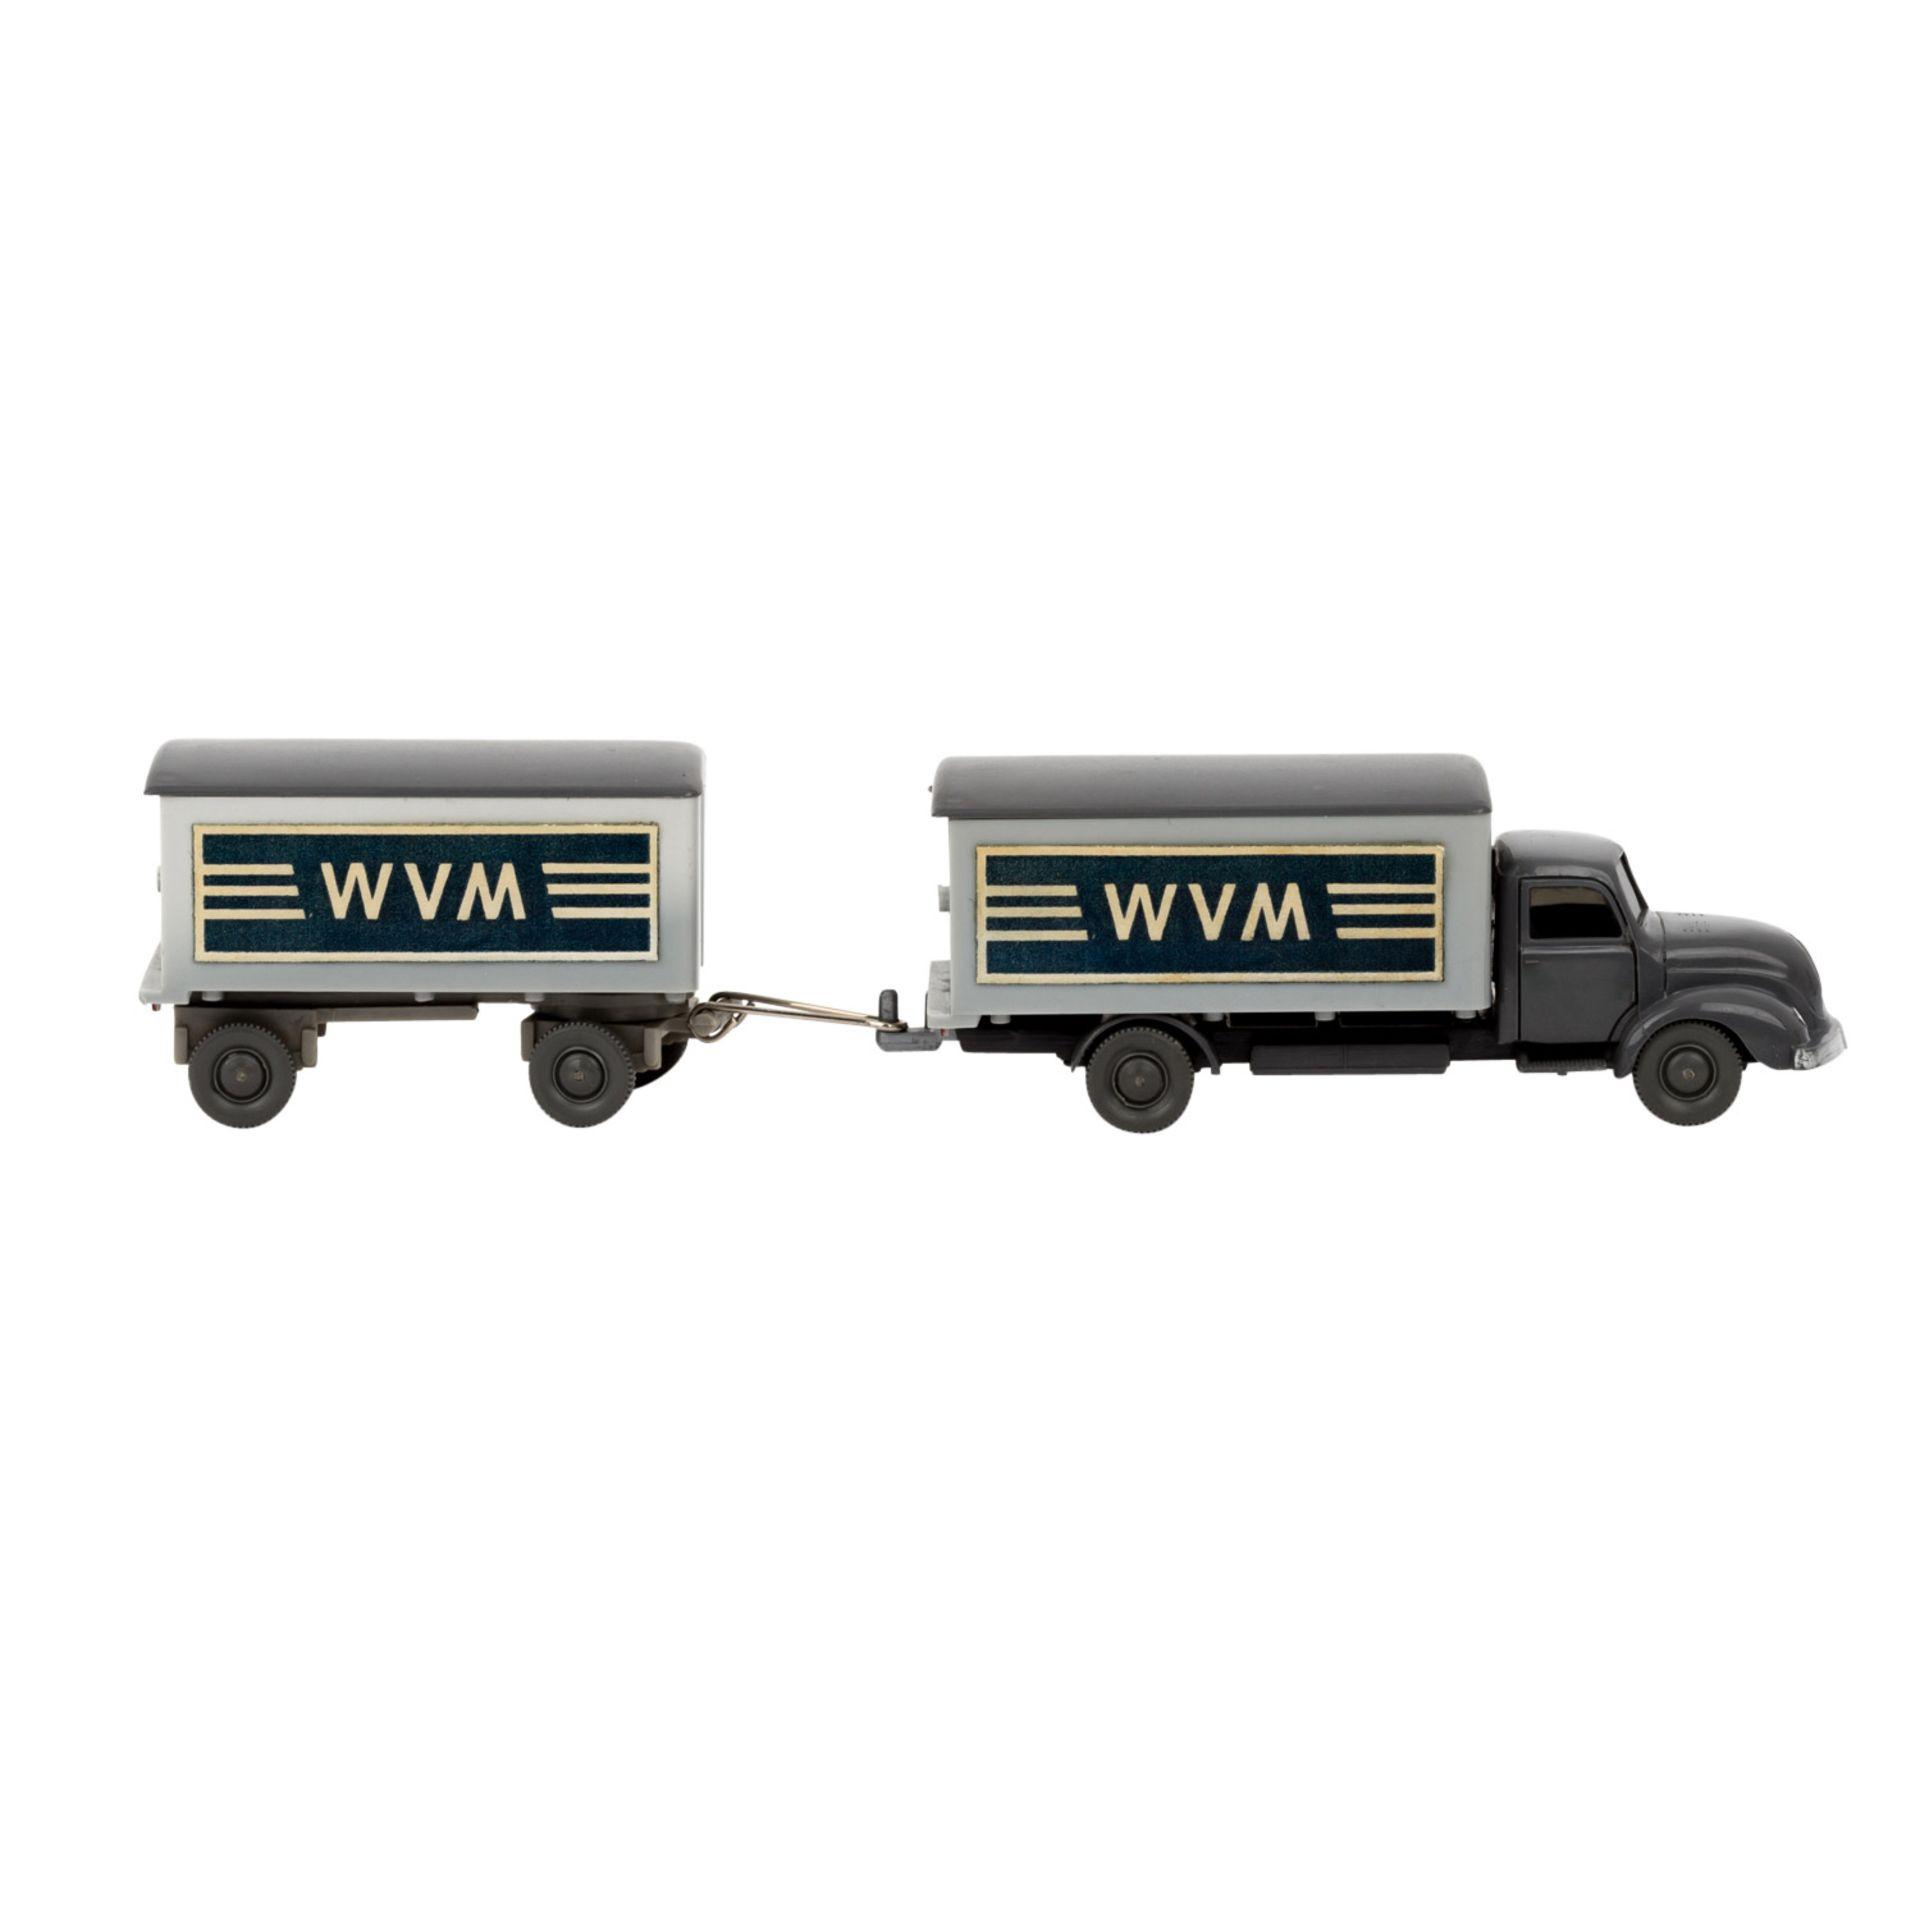 WIKING Magirus WVM, alter Koffer-LKW mit Anhänger 1961-62,LKW und Anhänger mit basal - Image 4 of 5